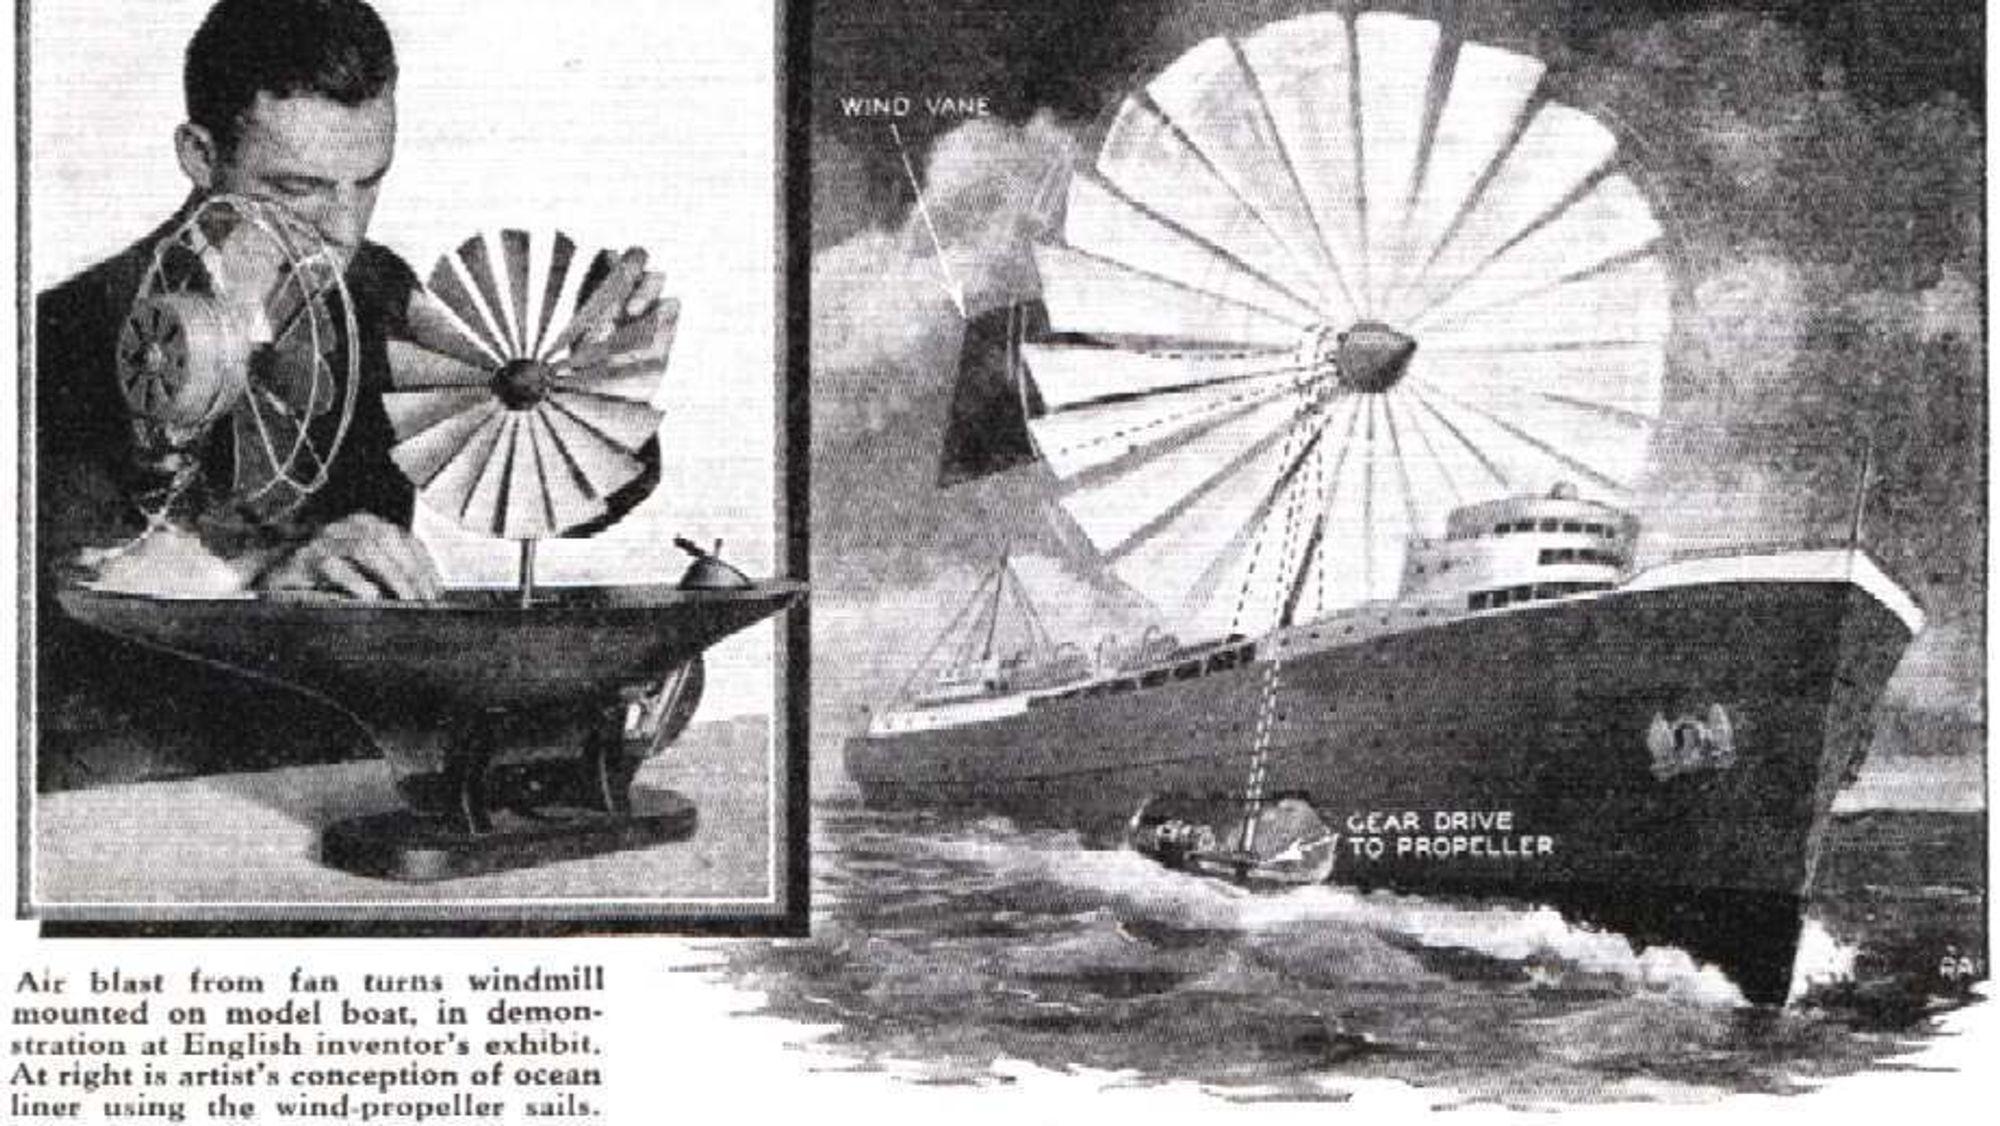 Trolig en patent på vindkraft-drevet skip fra 30-tallet. Vindteknologi har ikke gjort sitt store comeback i maritim industri siden den ble danket ut av damp for rundt 150 år siden, men stadig flere gjør et forsøk.